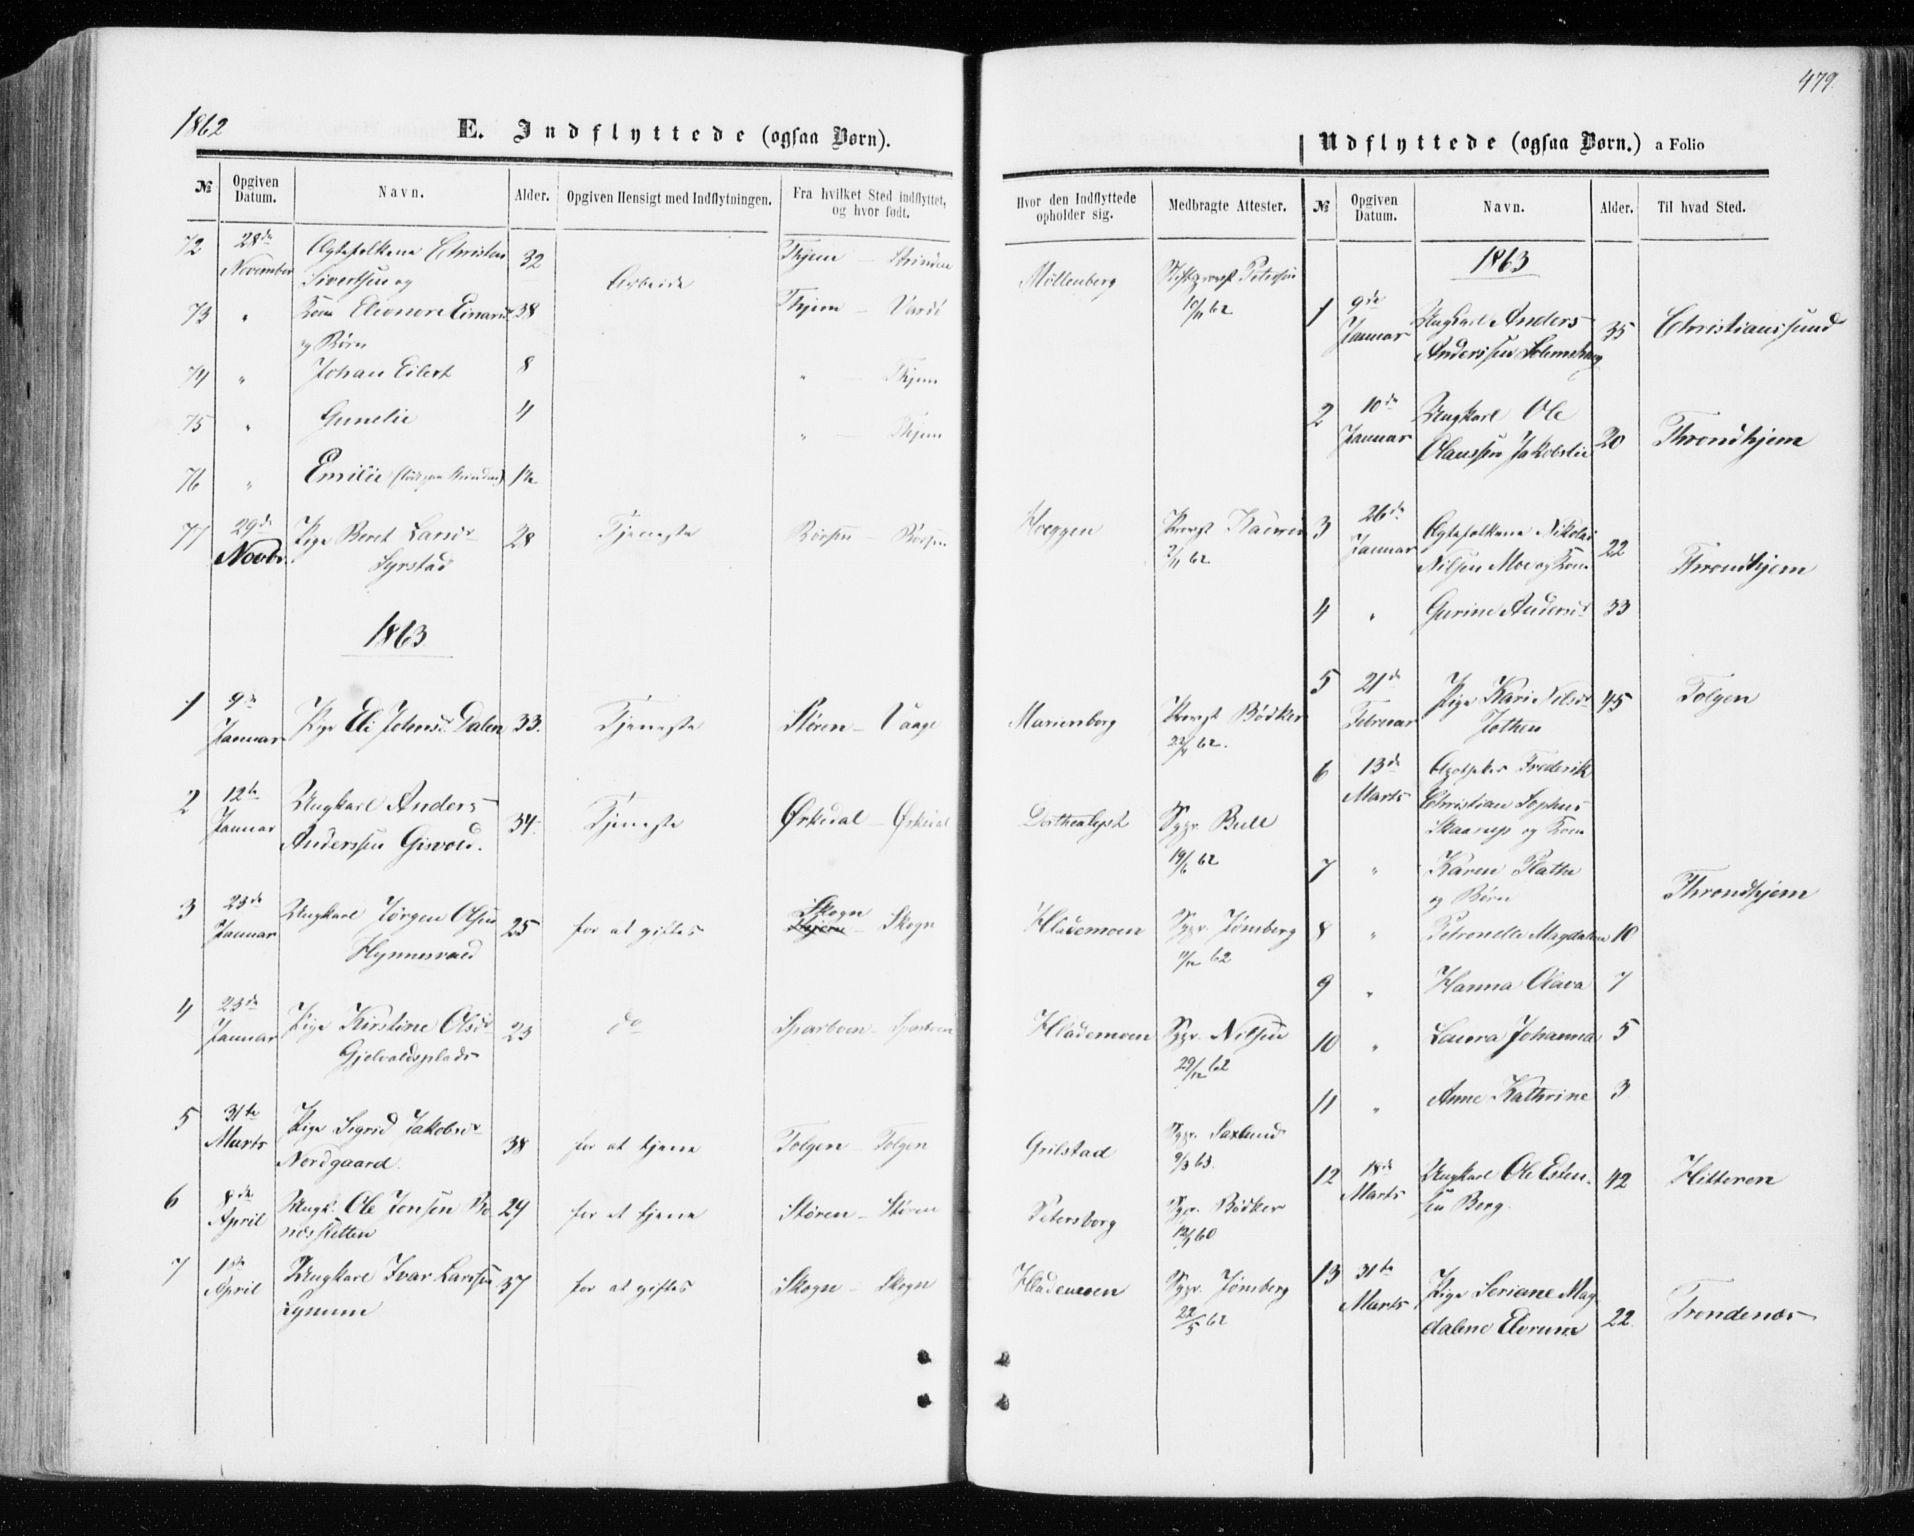 SAT, Ministerialprotokoller, klokkerbøker og fødselsregistre - Sør-Trøndelag, 606/L0292: Ministerialbok nr. 606A07, 1856-1865, s. 479